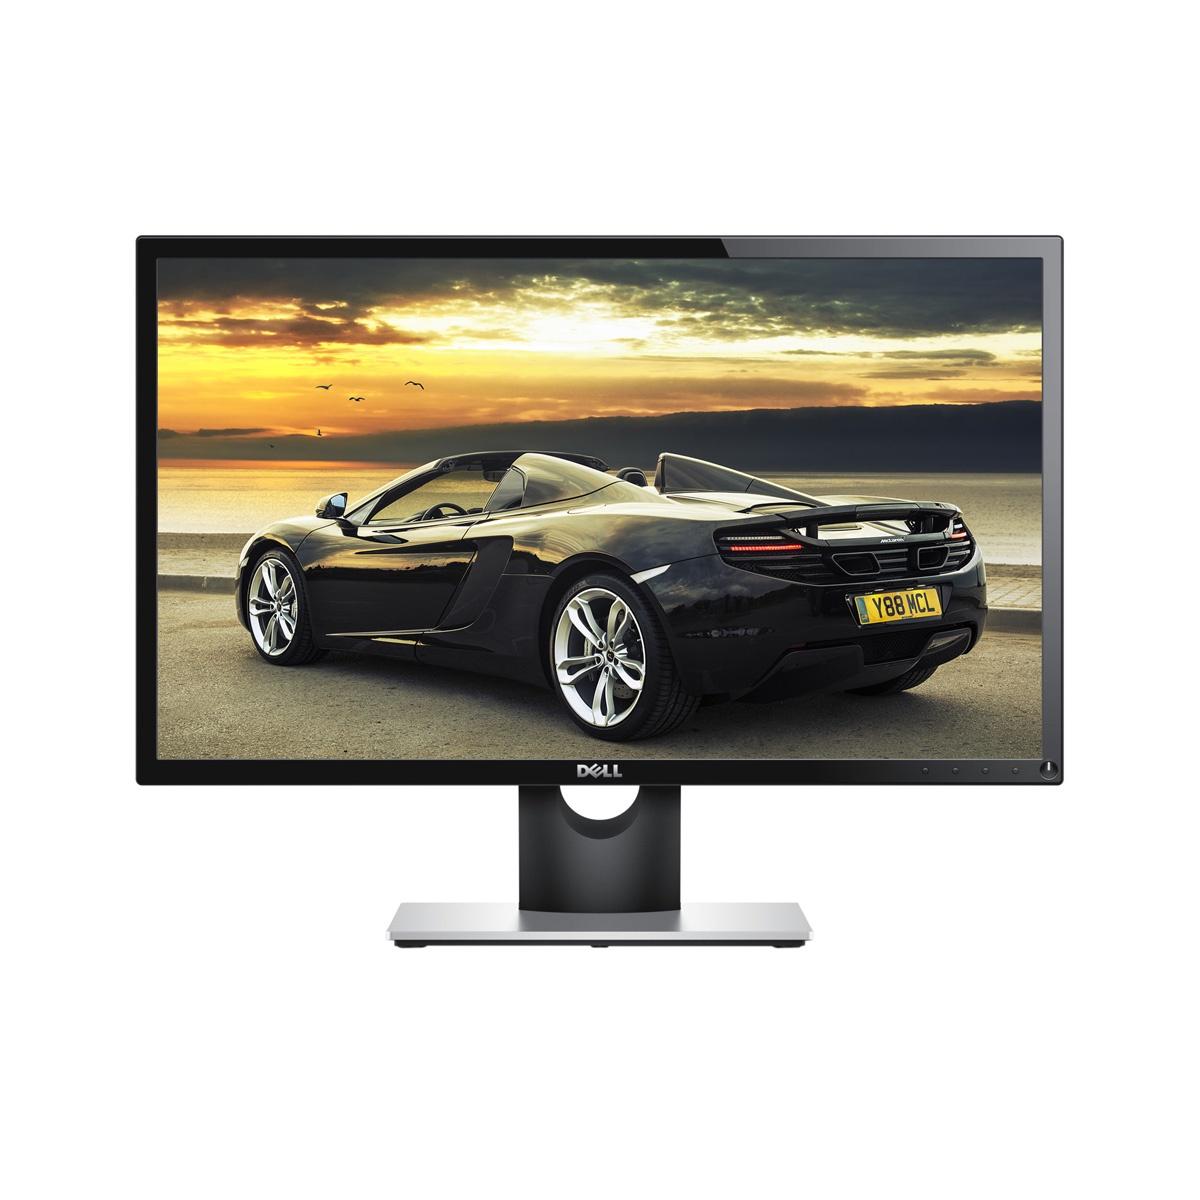 Màn hình máy tính DELL 21.5inch Full HD – Model E2216H Đen 1